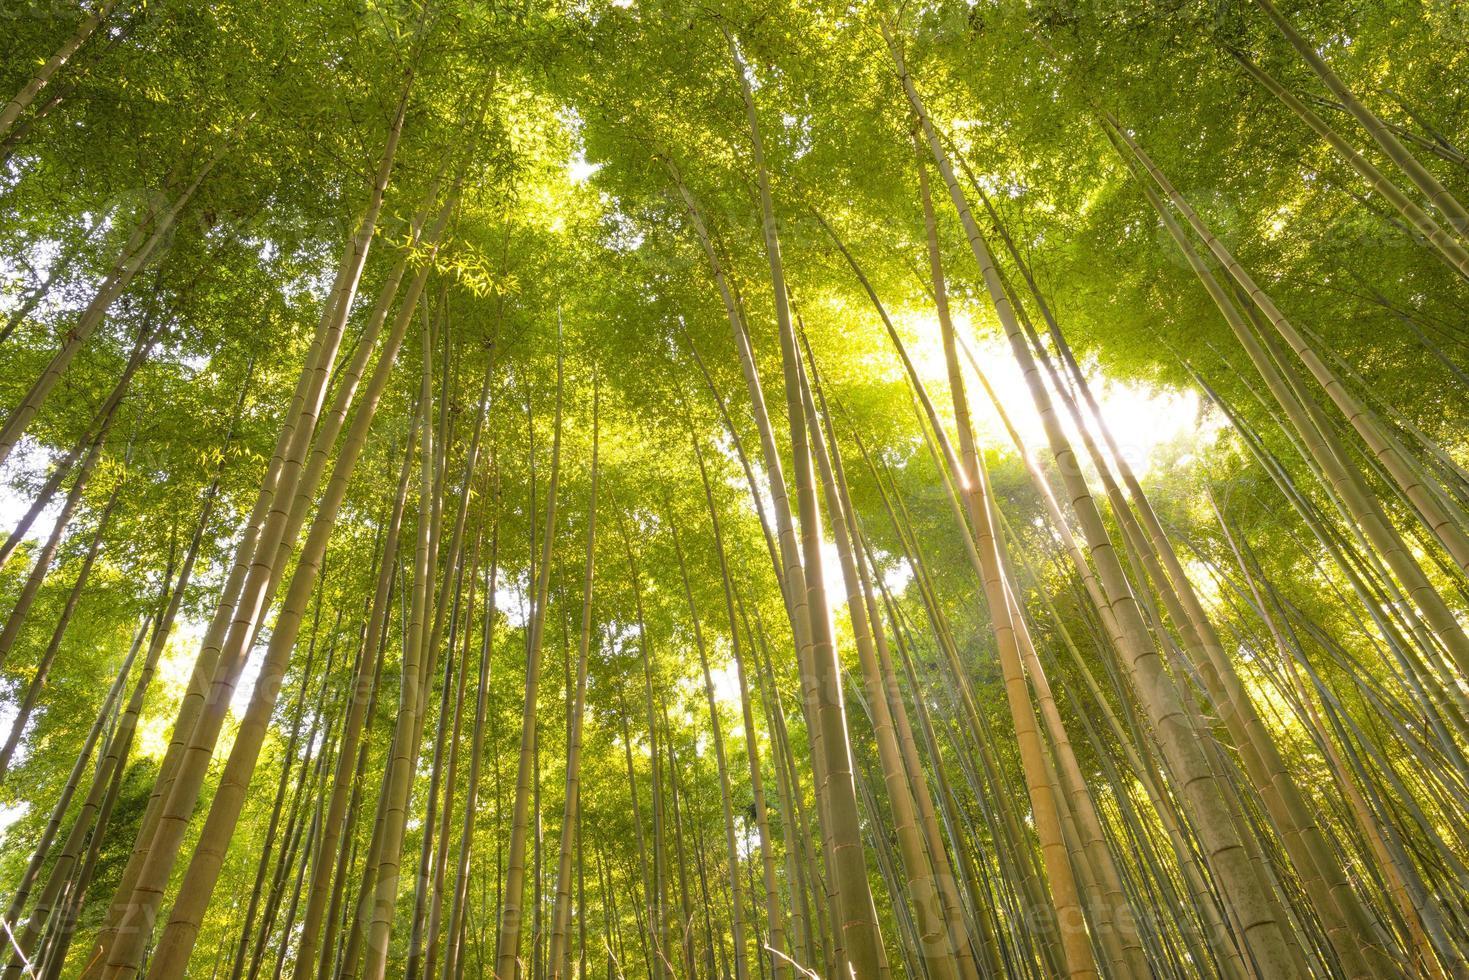 bamboebos, Kyoto, Japan foto